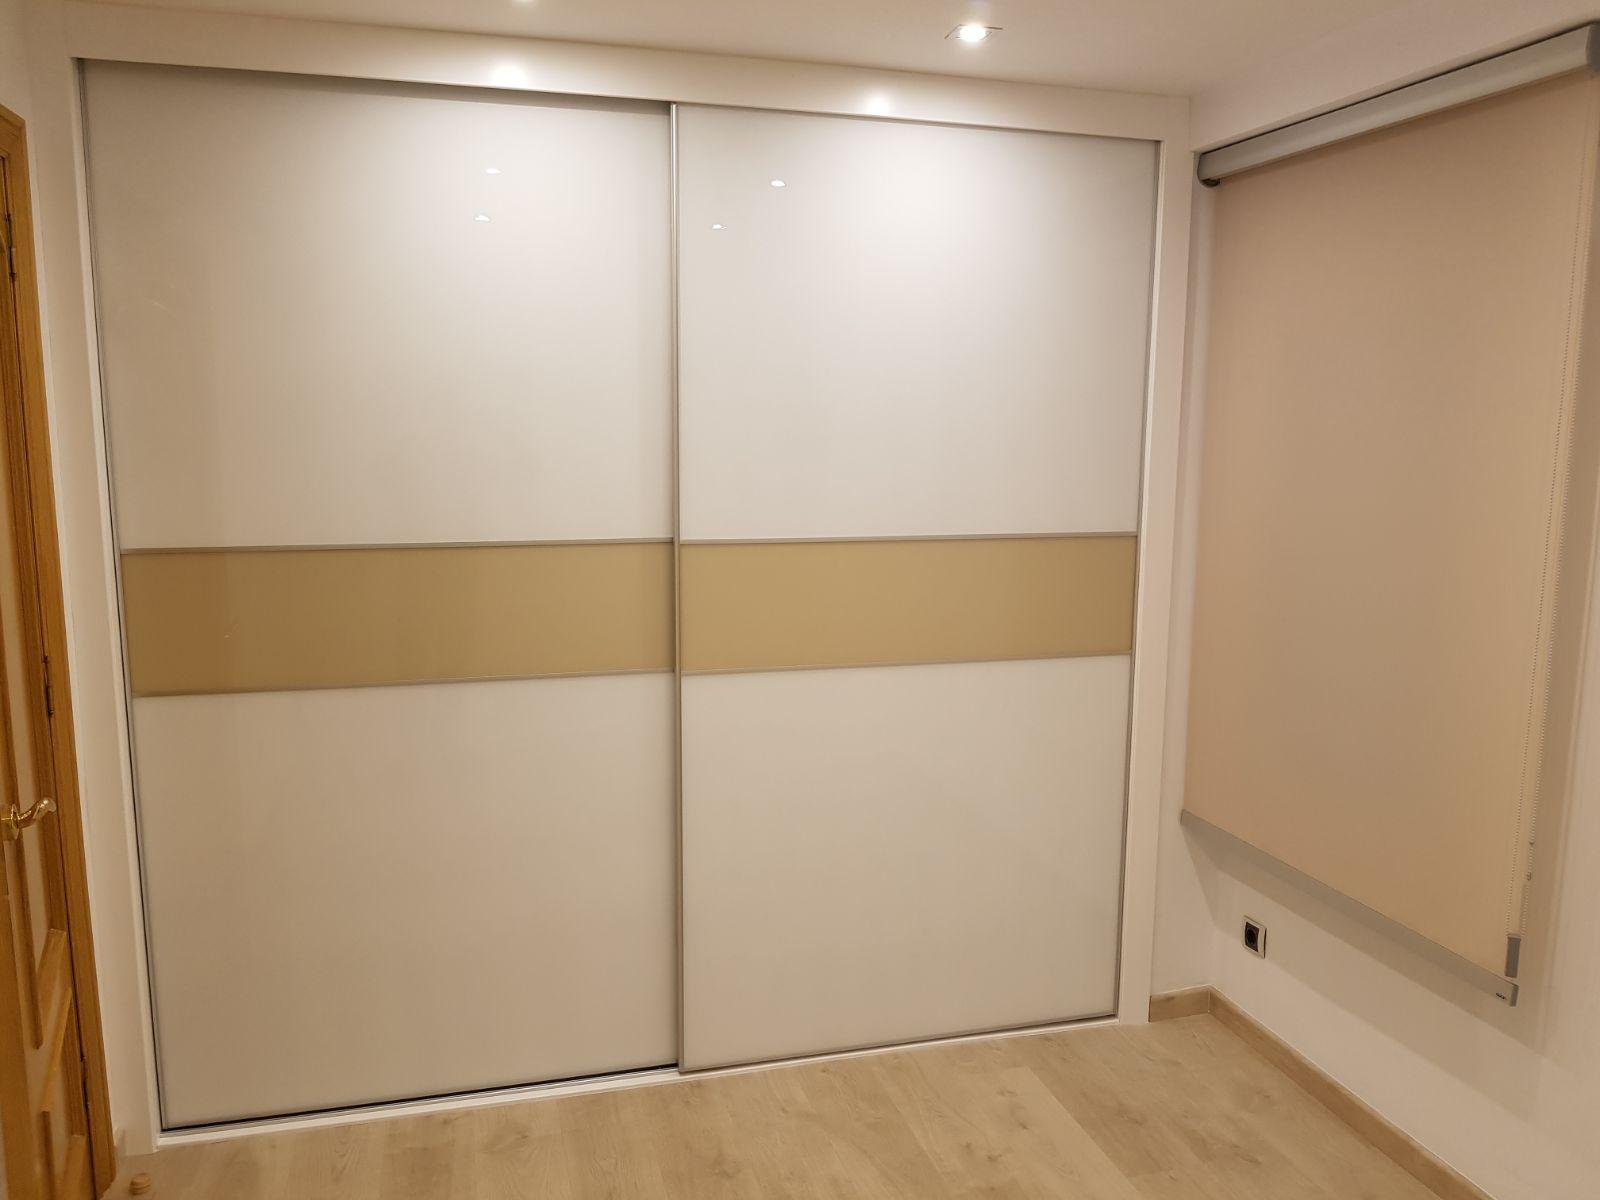 Armario puertas correderas blanco y franja